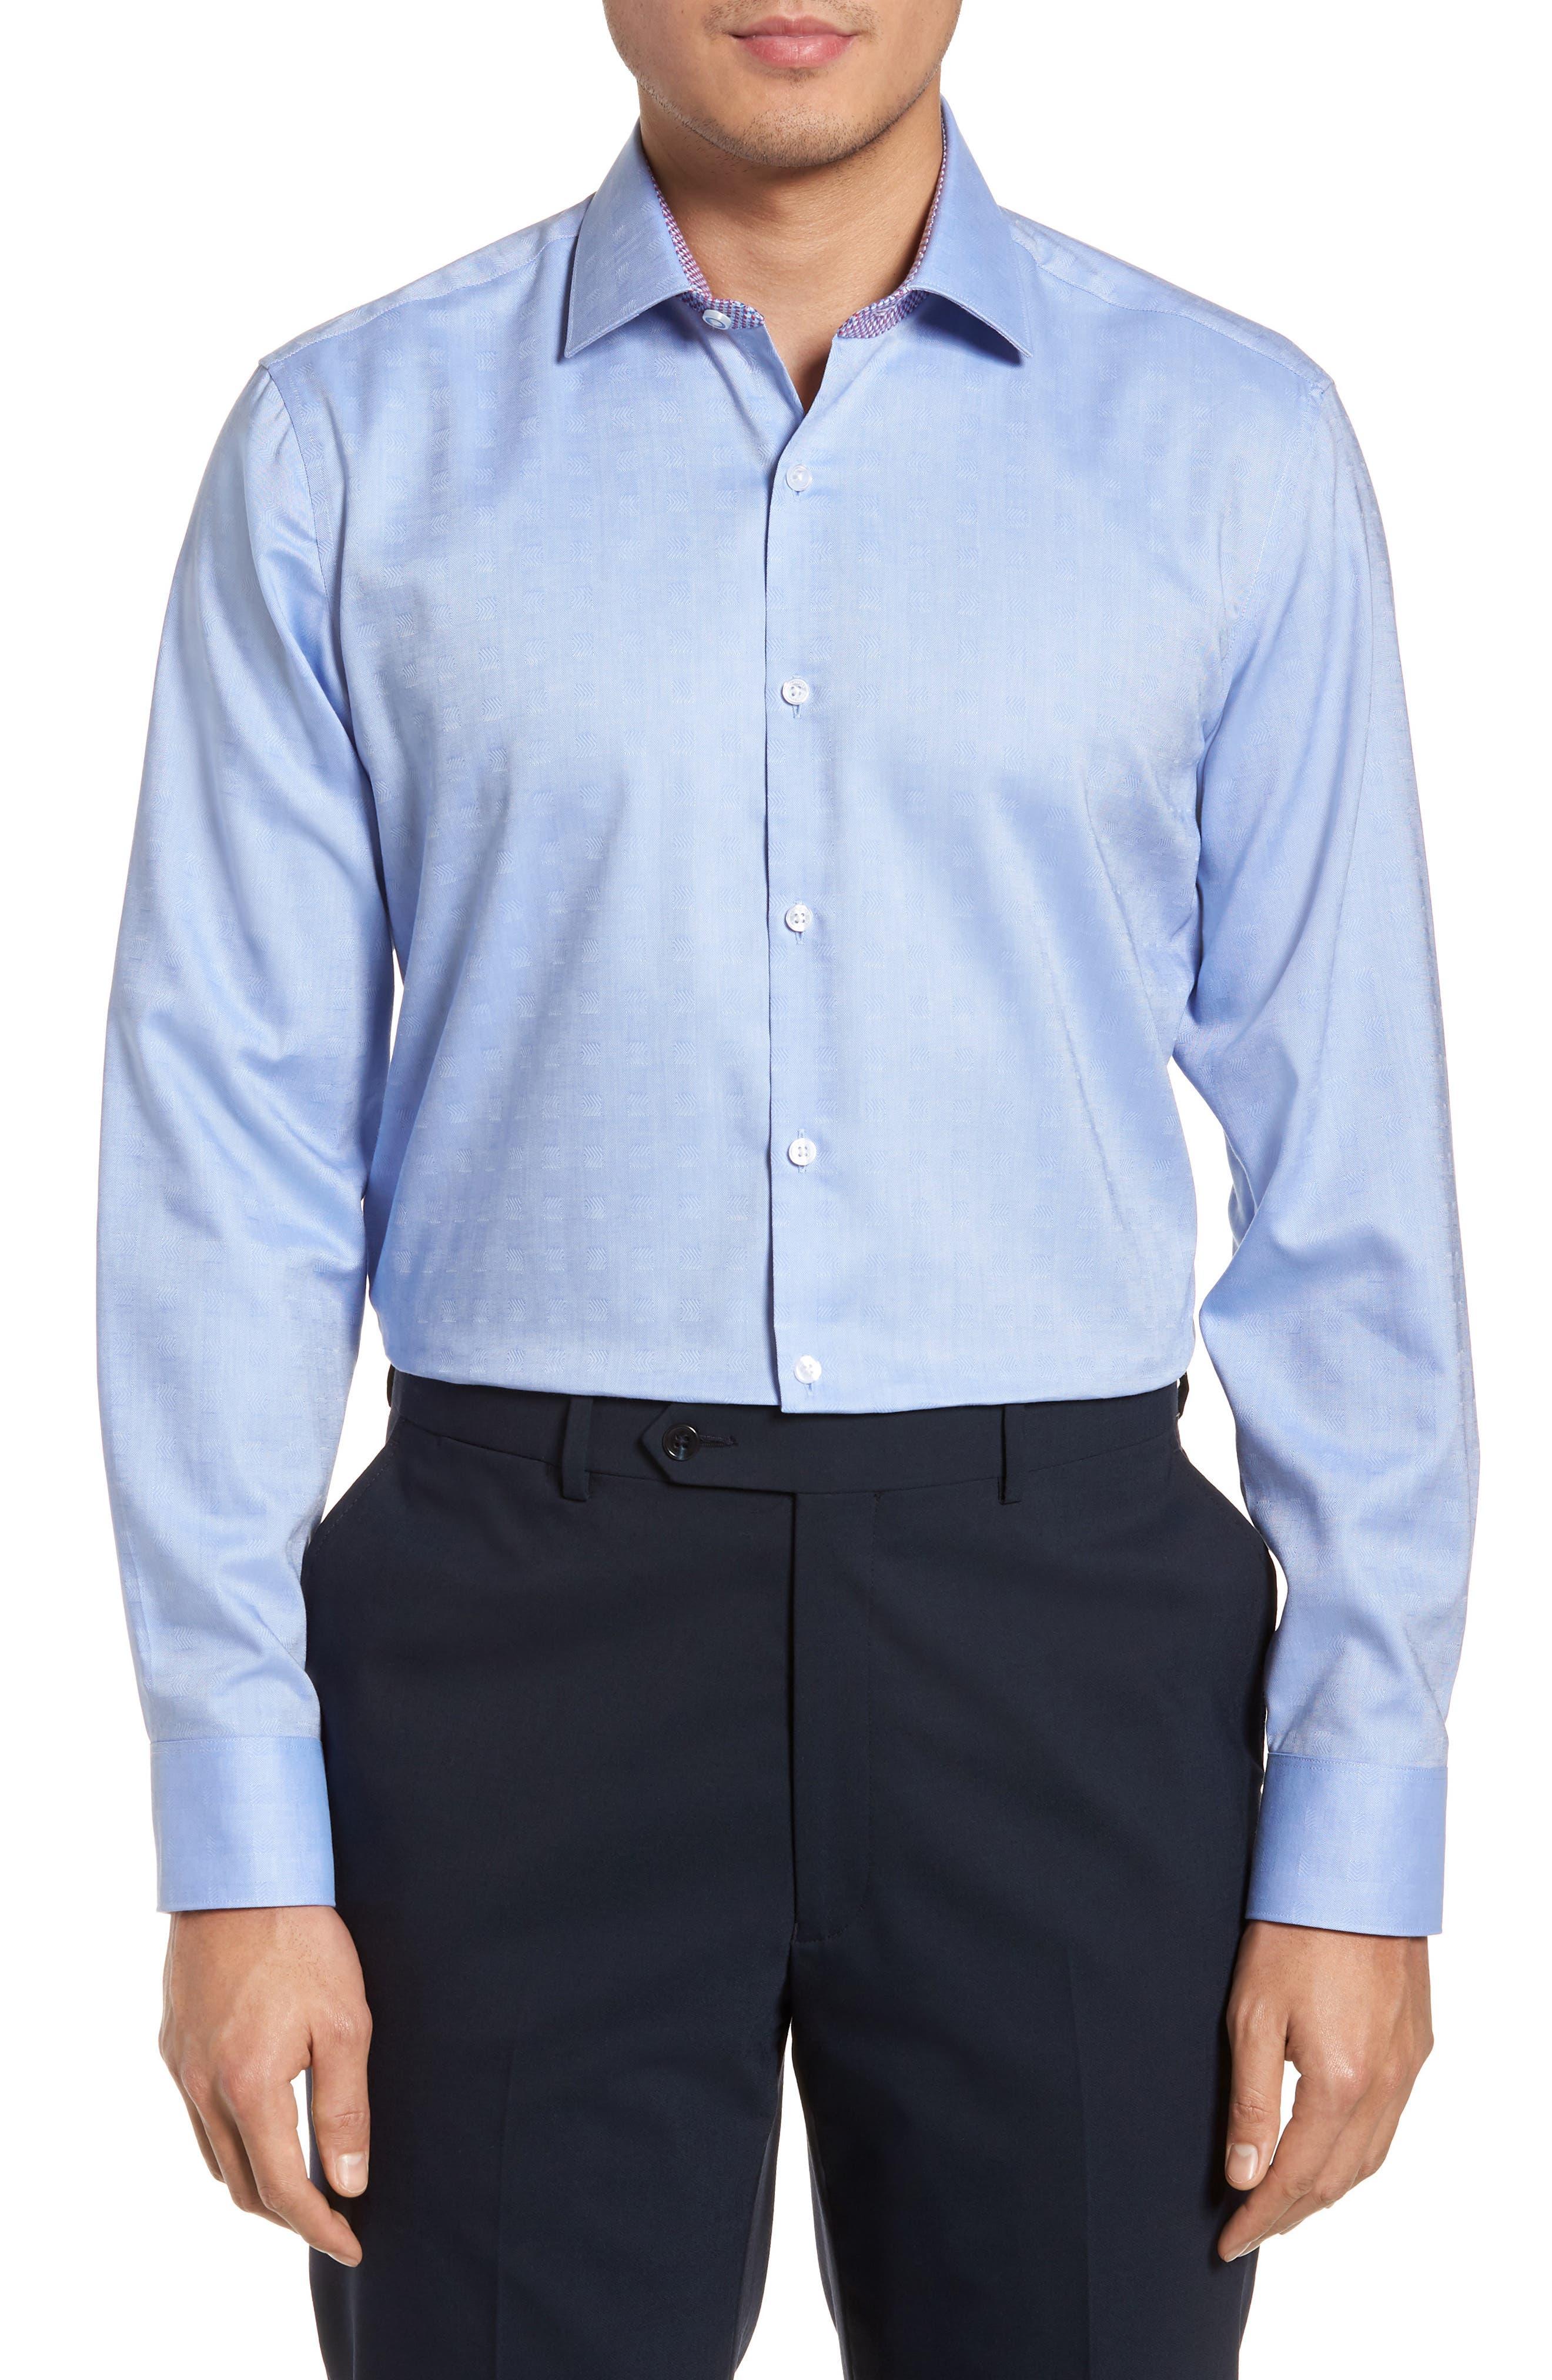 Ashur Trim Fit Solid Dress Shirt,                             Main thumbnail 1, color,                             Blue